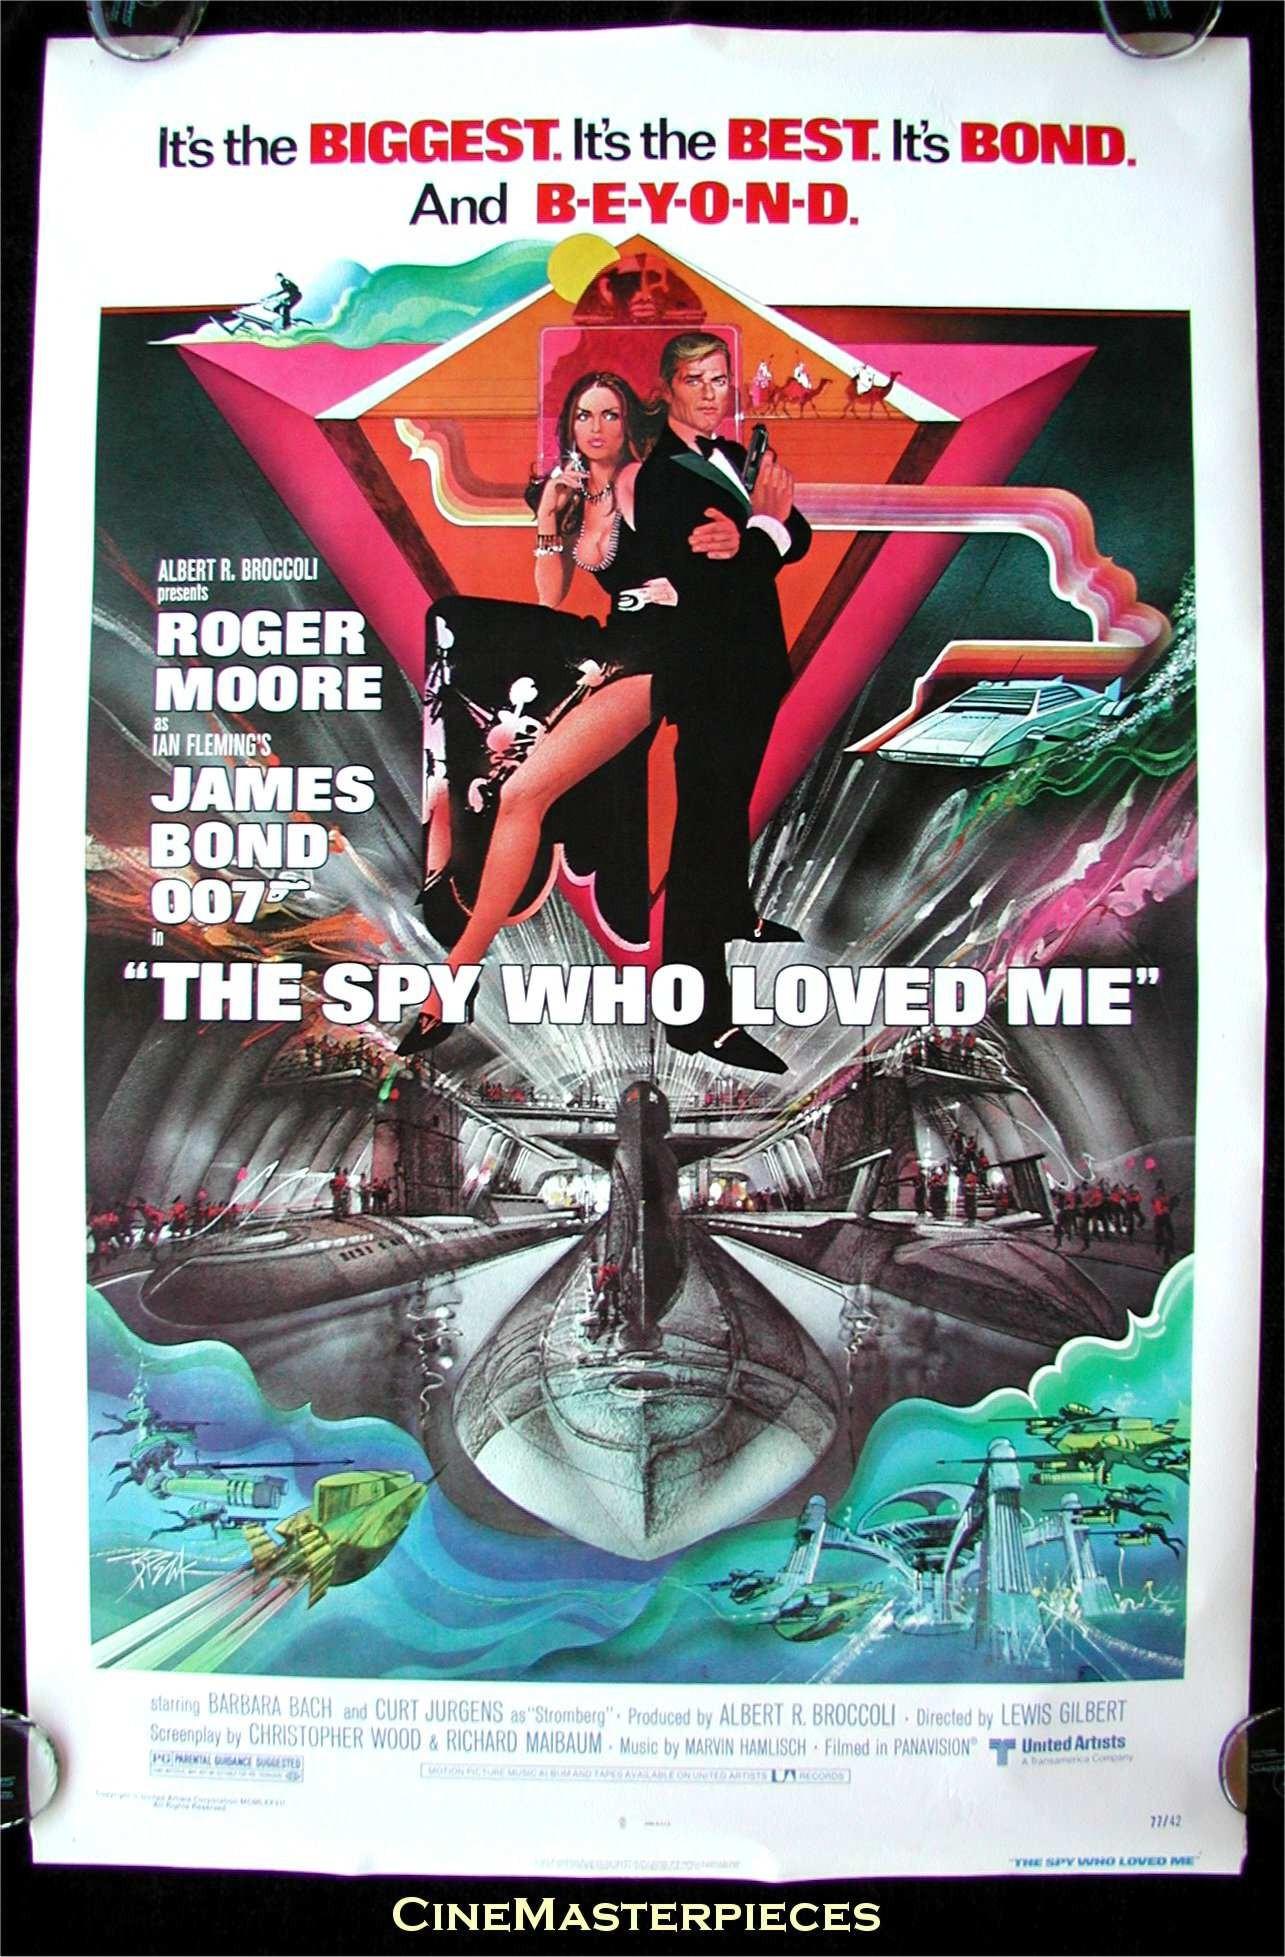 جاسوسي كه مرا دوست داشت (راجر مور)